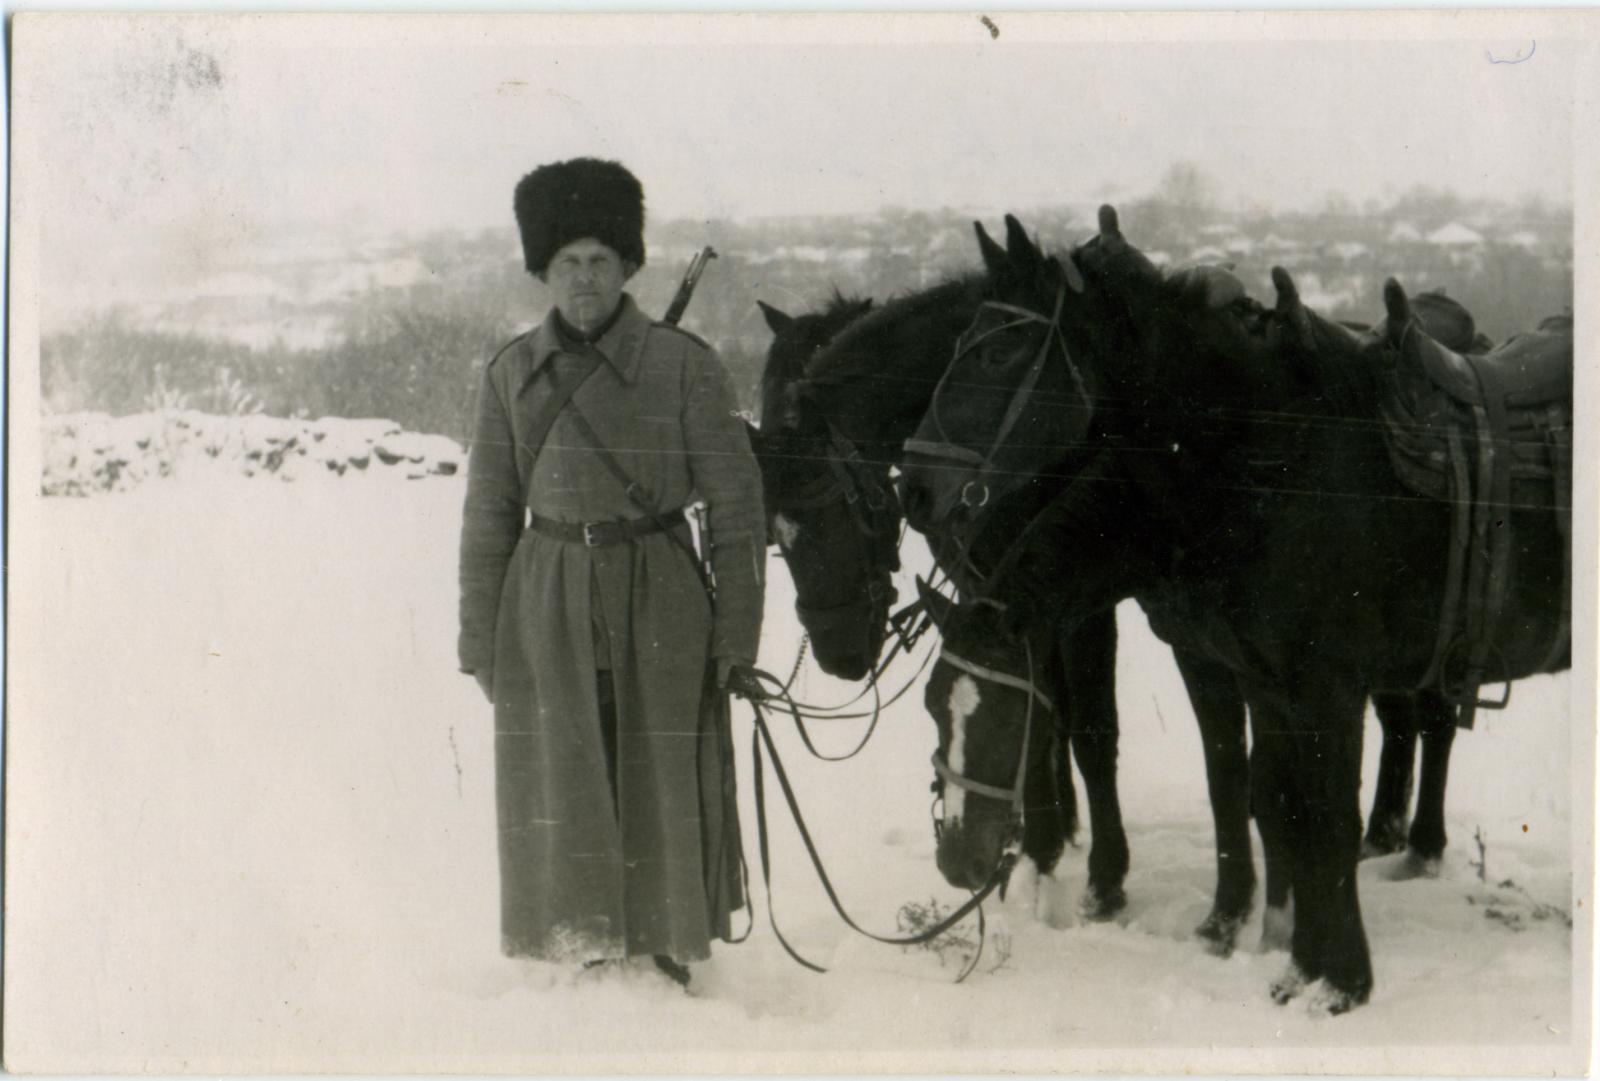 Казак 403-го казачьего кавалерийского дивизиона. Свердловск